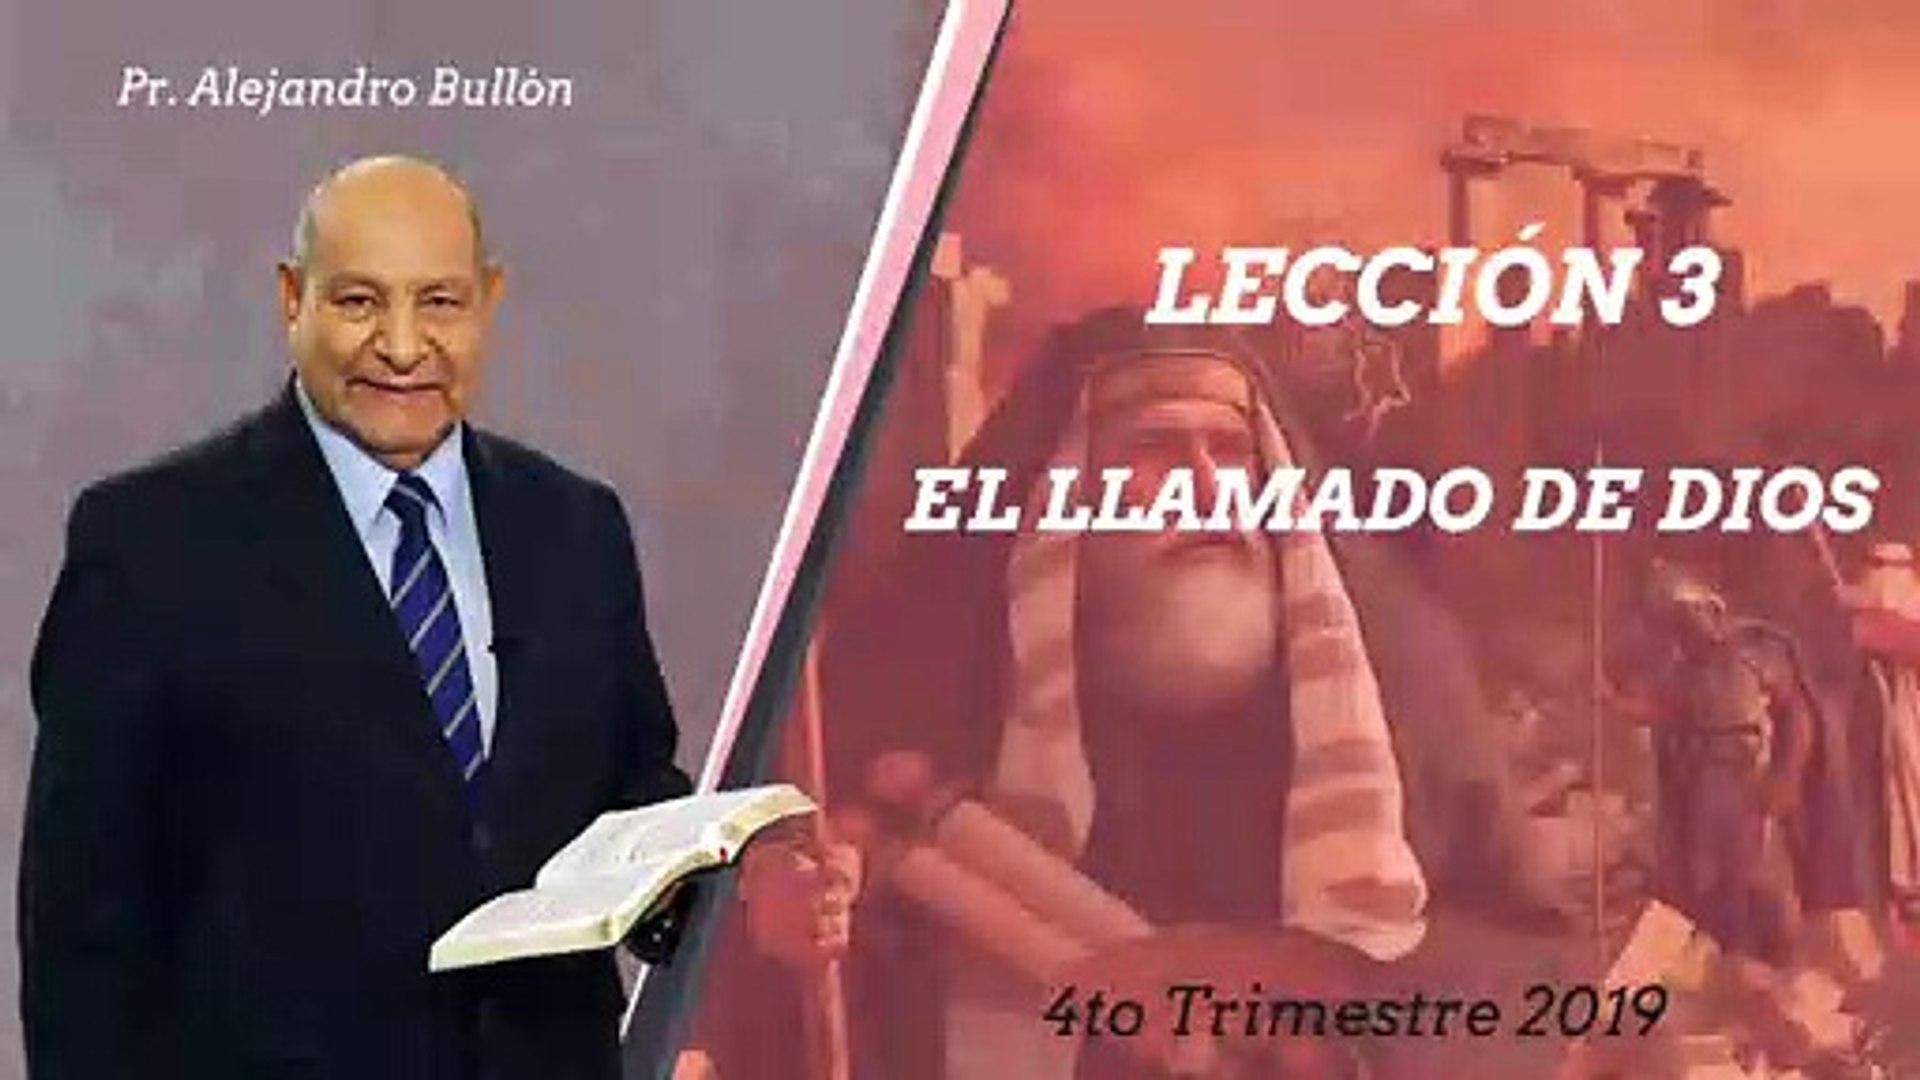 Leccion 3: El Llamado de Dios | Pr. Alejandro Bullon